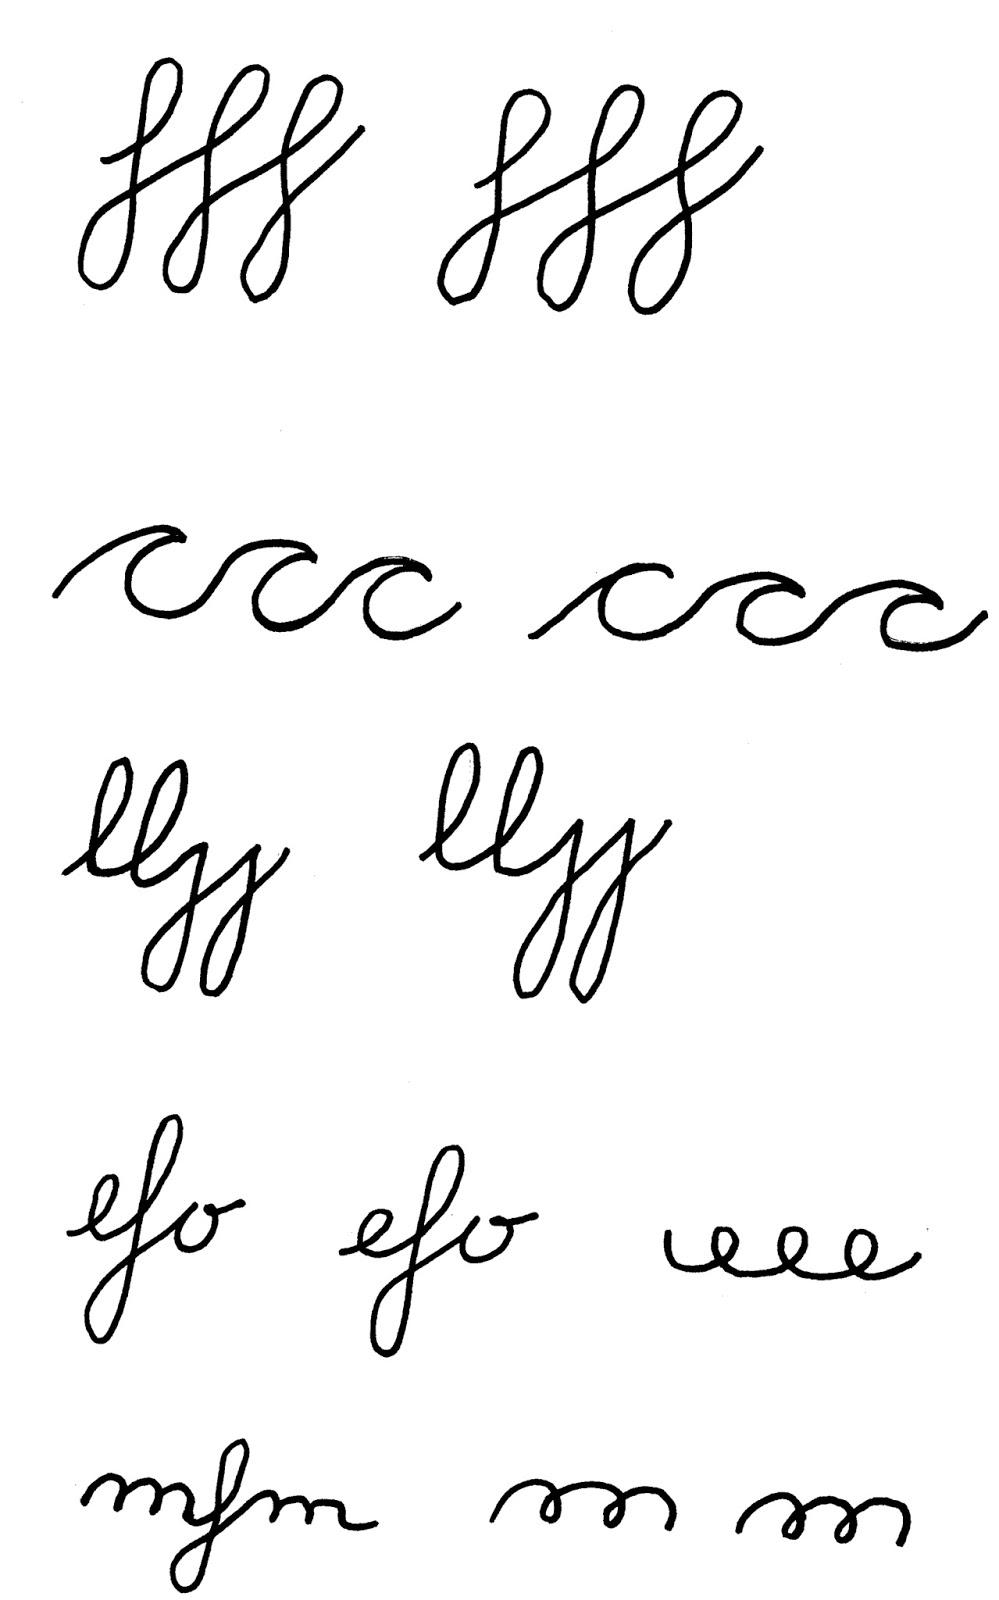 Ejercicios para letra cursiva